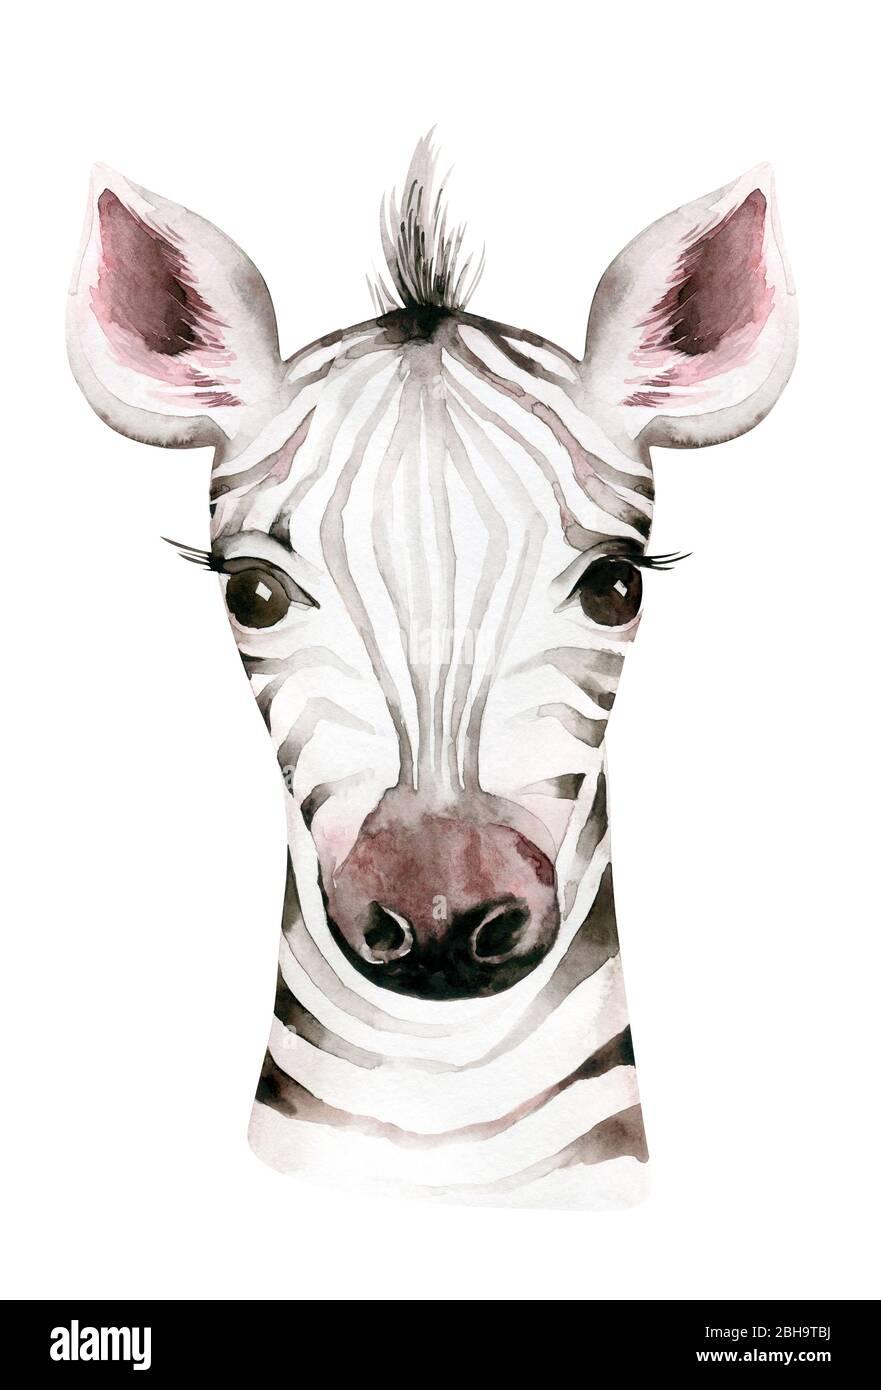 ZOMOY Face Cover,Testa di Leopardo Testa di Giaguaro Pantera Immagine Spot Pittura Pericolo Animale Africano,Passamontagna Unisex Riutilizzabile Antivento Antipolvere Bocche Bandane Outdoor